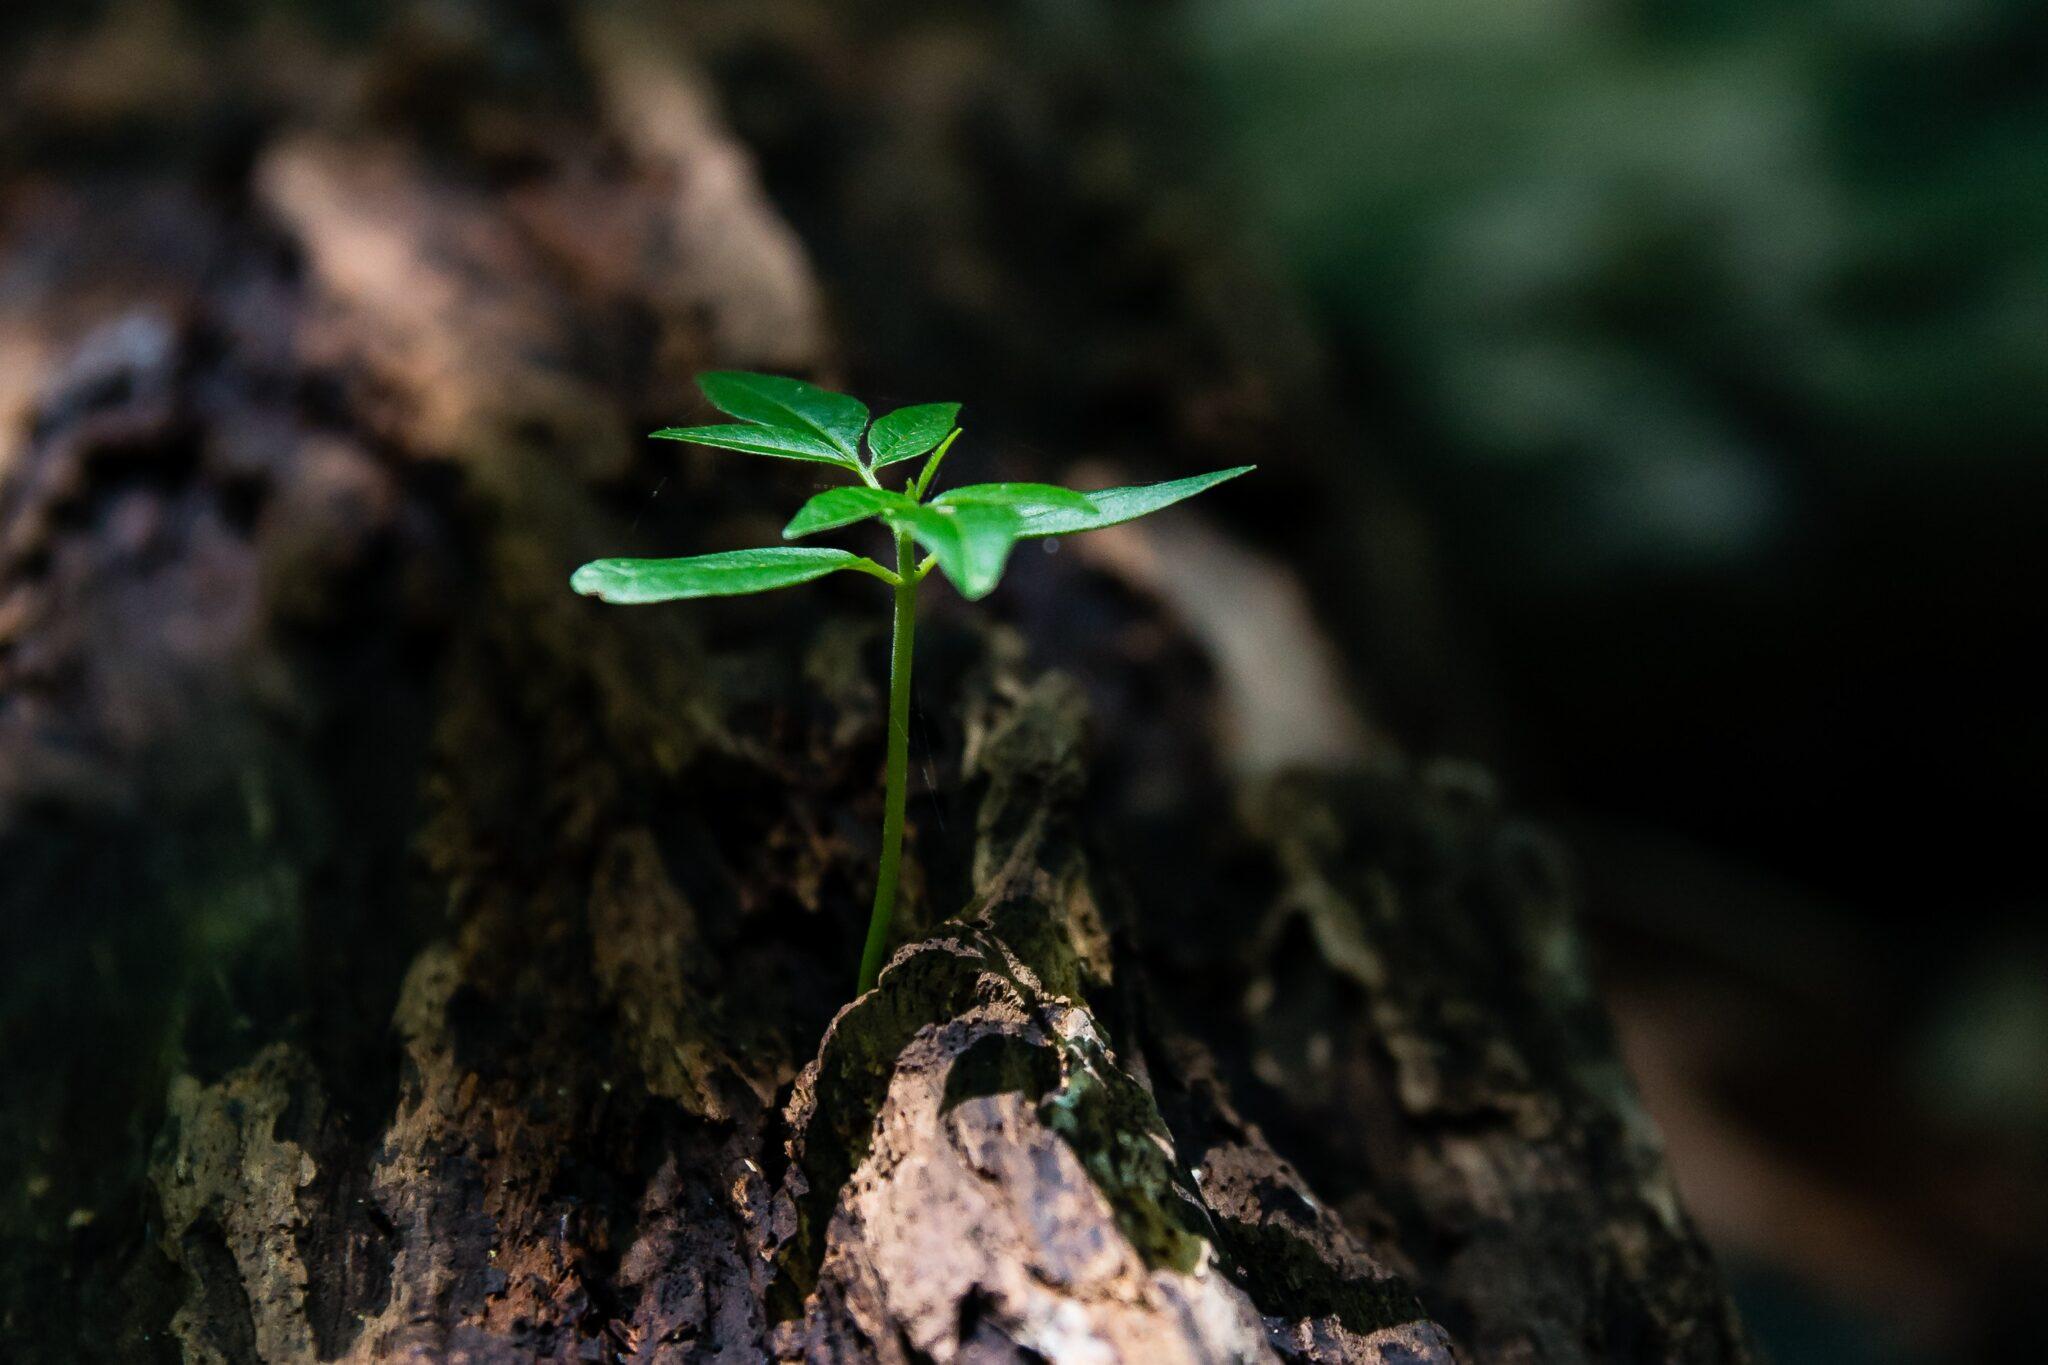 Nova súmula do STJ sobre o ônus da prova em matéria ambiental